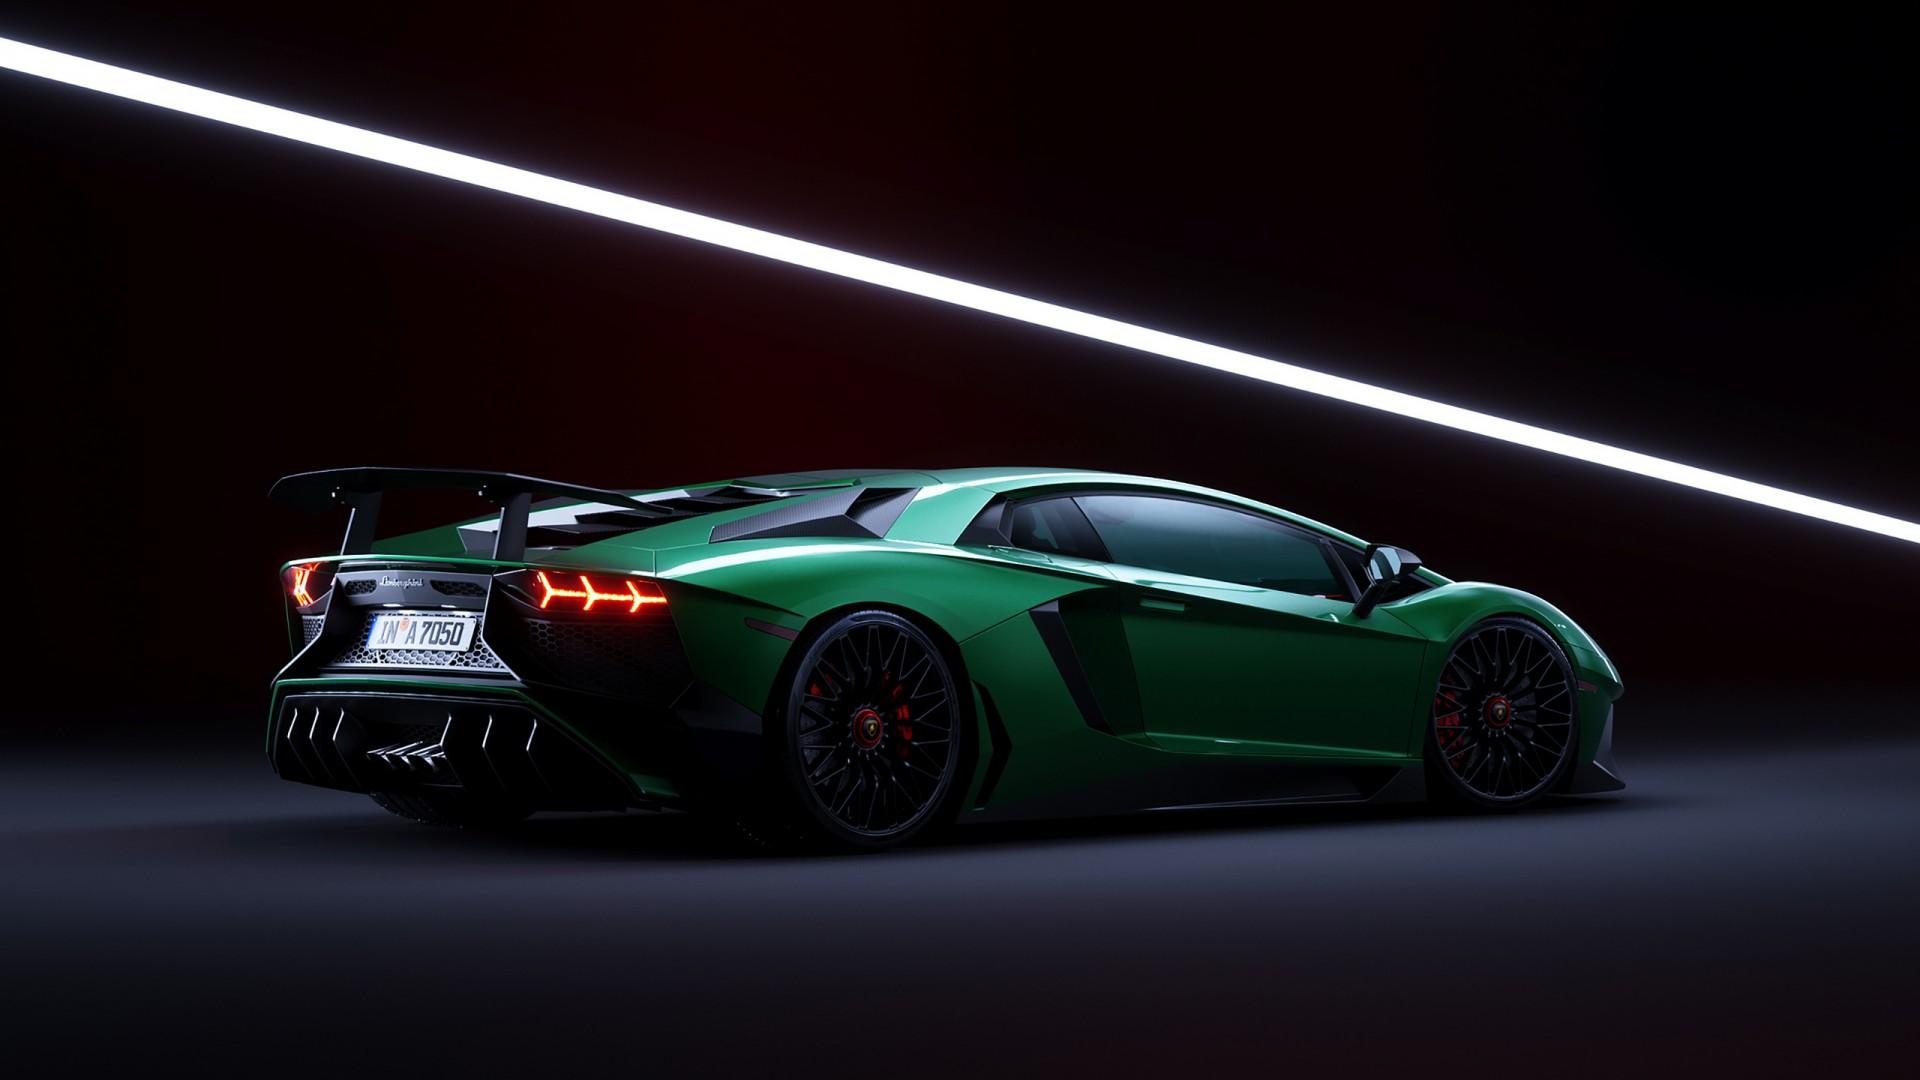 Acura Vs Lexus >> Lamborghini Aventador SuperVeloce Coupe Wallpaper | HD Car ...